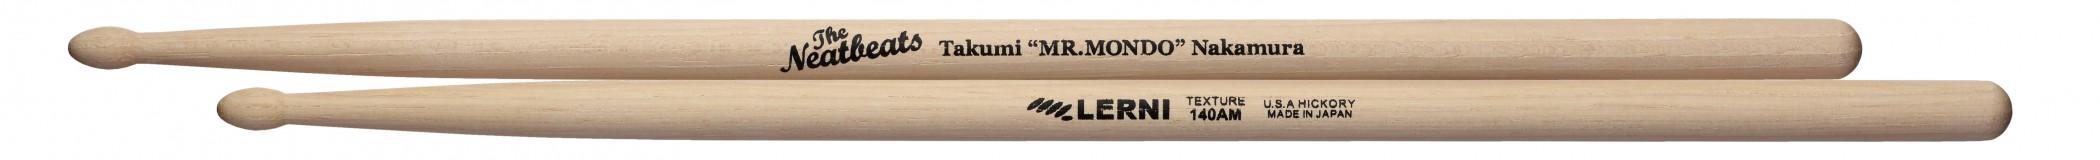 中村MR.MONDO匠